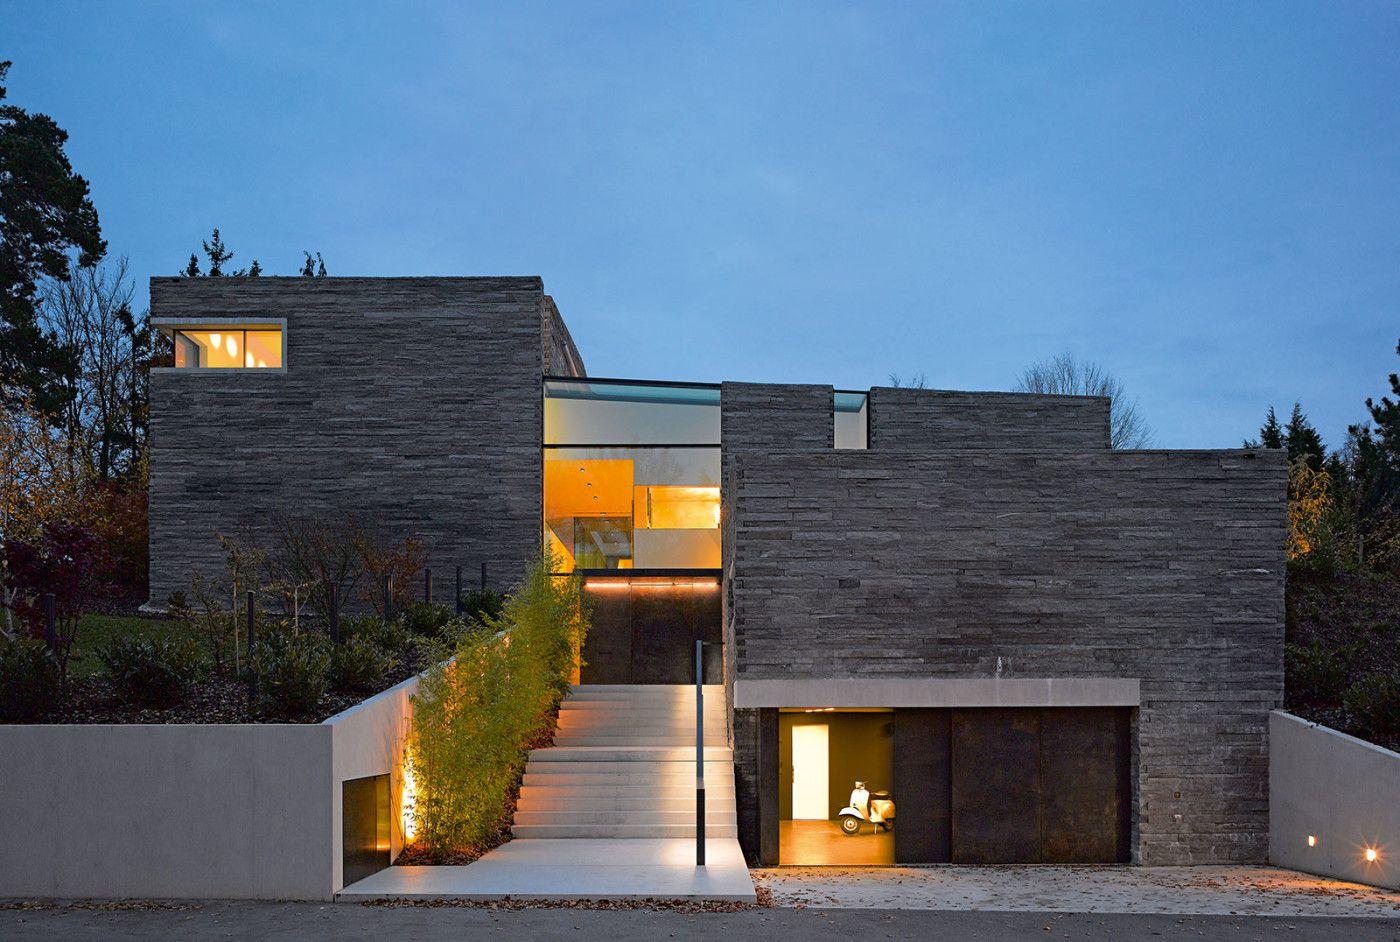 Haus aus Stein | Moderne häuser, Moderne einfamilienhäuser und Steine